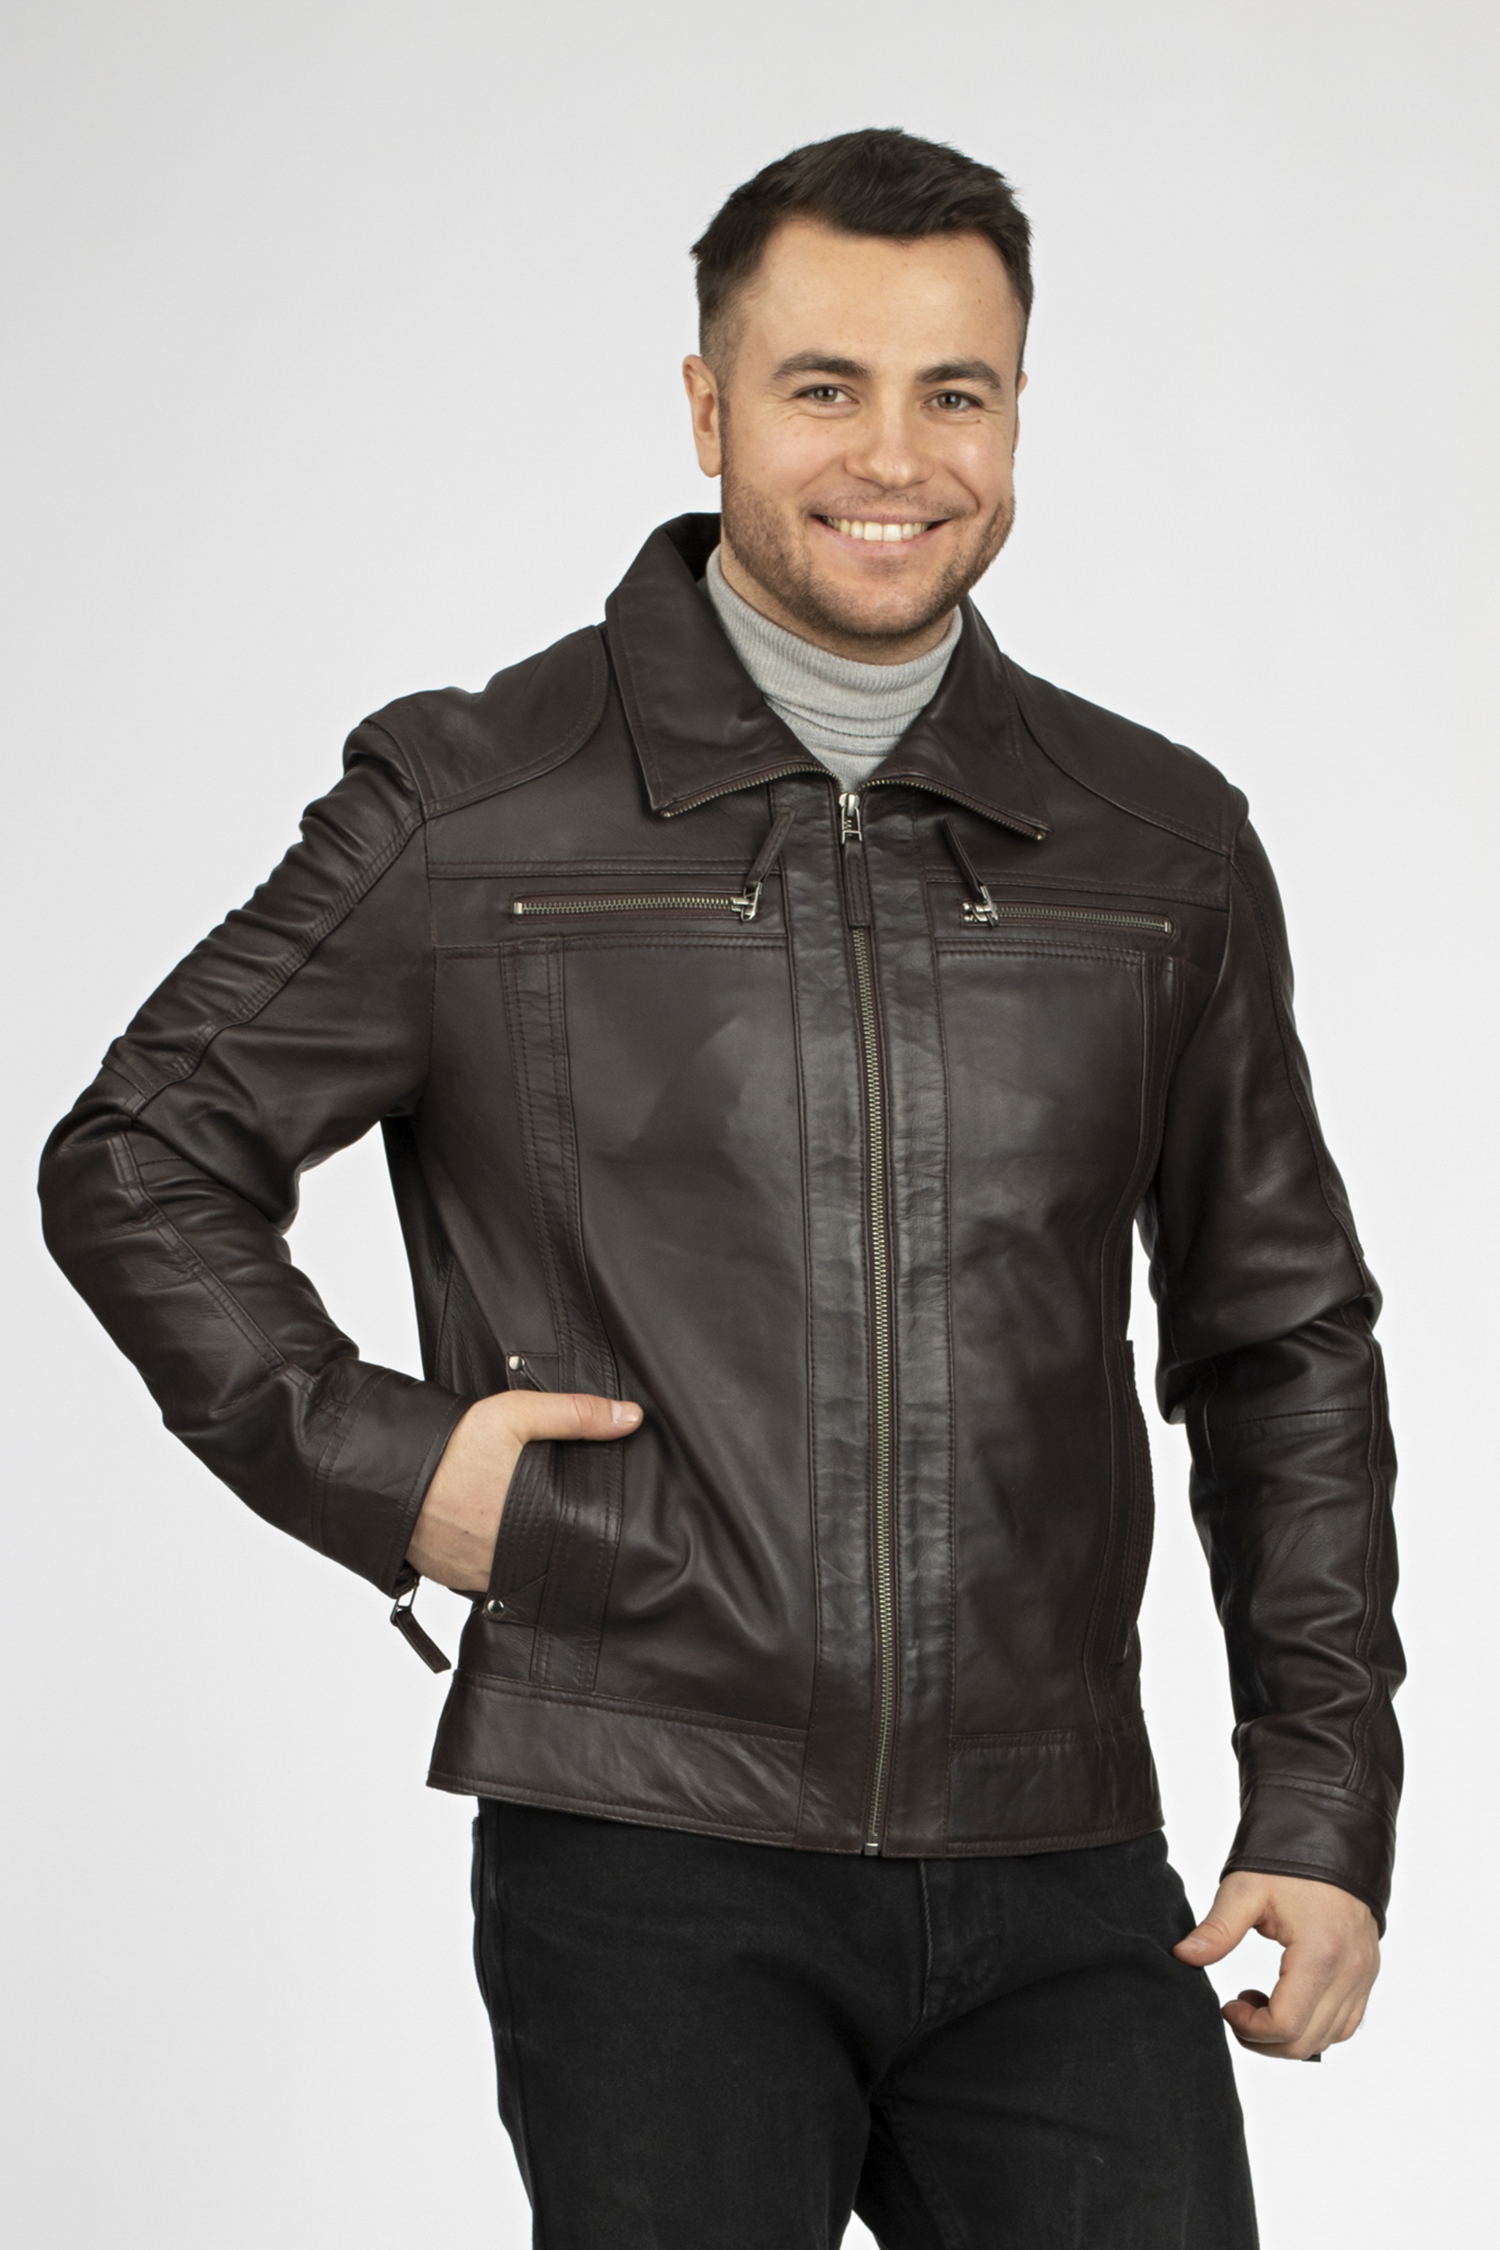 Мужская кожаная куртка из натуральной кожи с воротником, без отделки МОСМЕХА